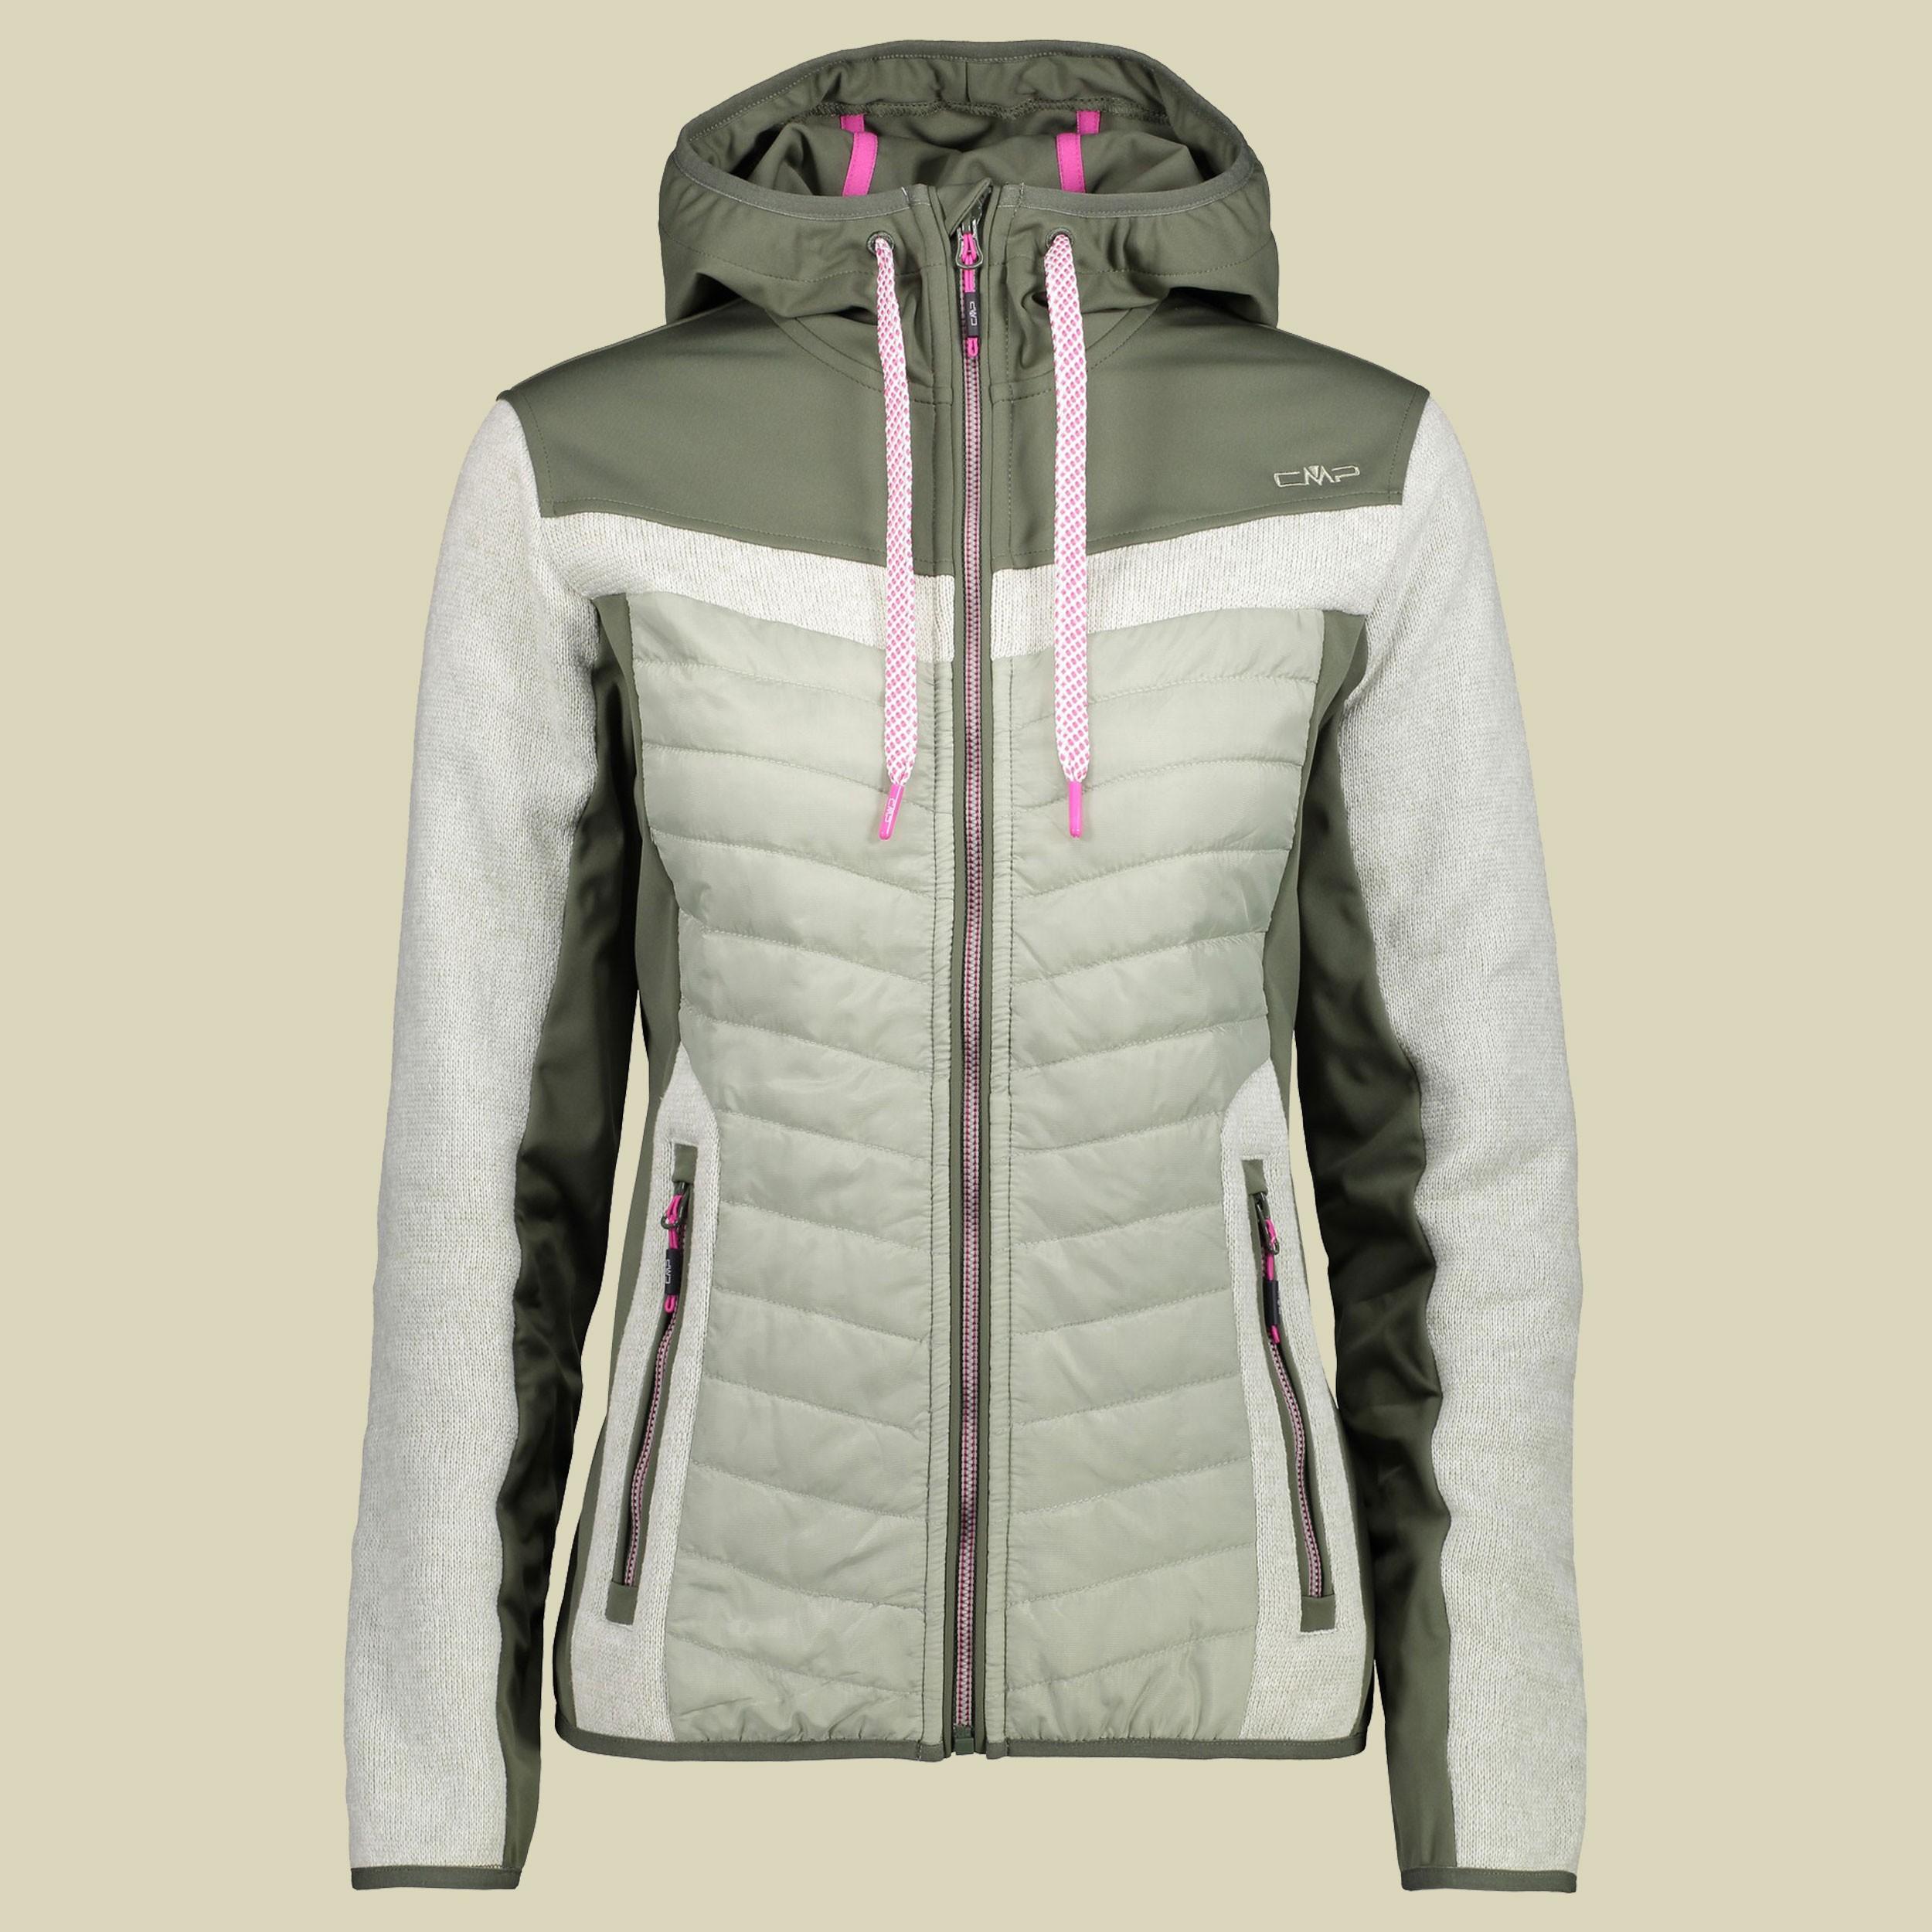 CMP Woman Fix Hood Hybrid Jacket 38H7006 - Damen Fleecejacke - naturzeit 0d8f8460f1